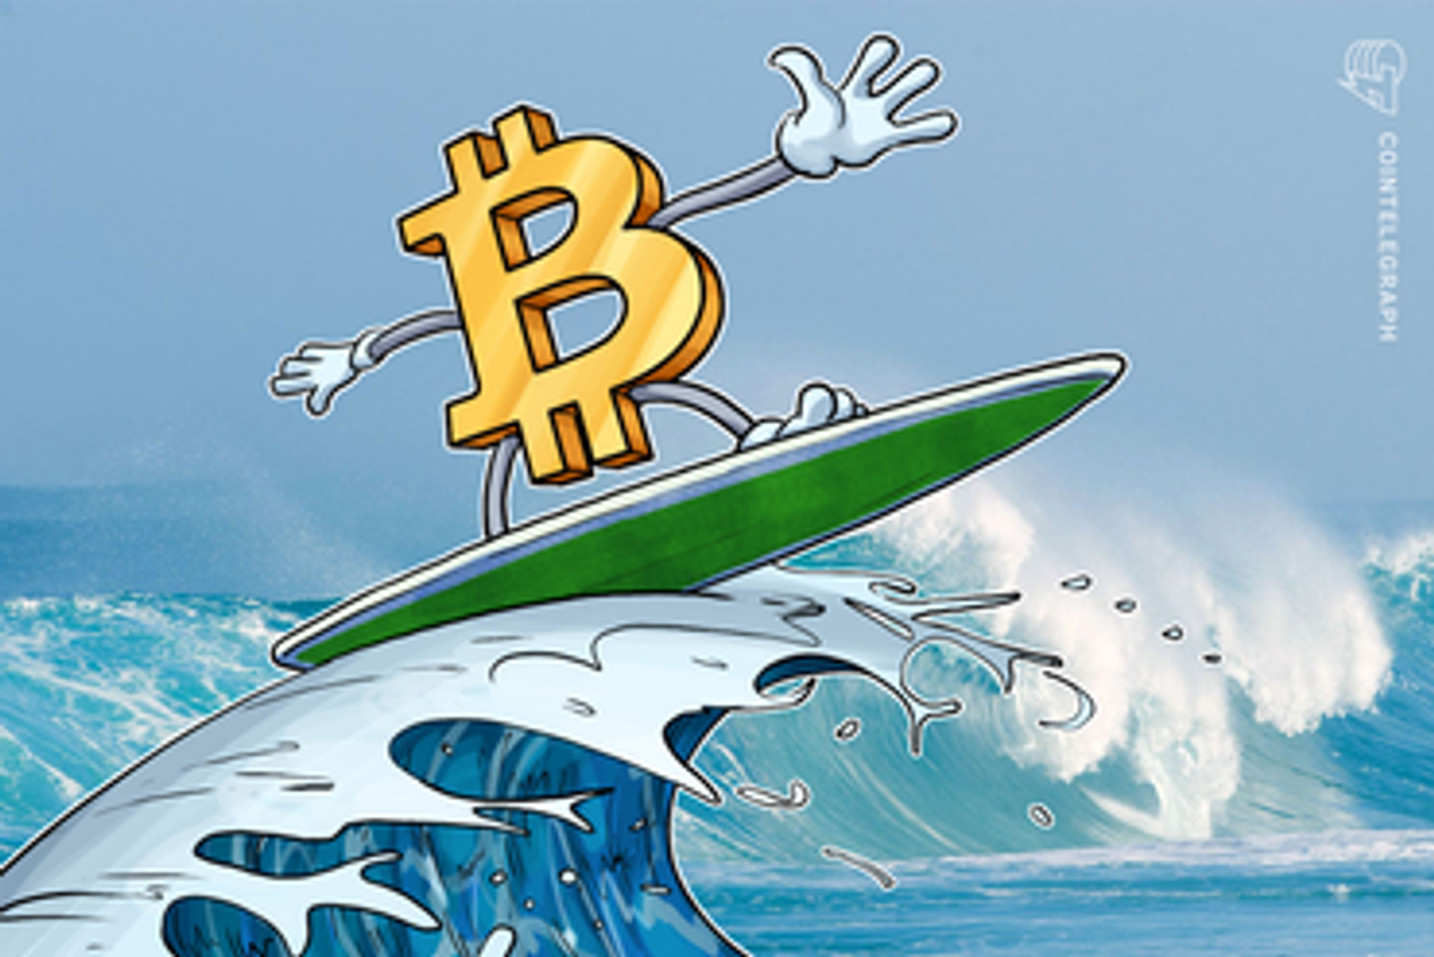 仮想通貨ビットコインの年間パフォーマンス、主要資産の中でダントツトップ 【ニュース】